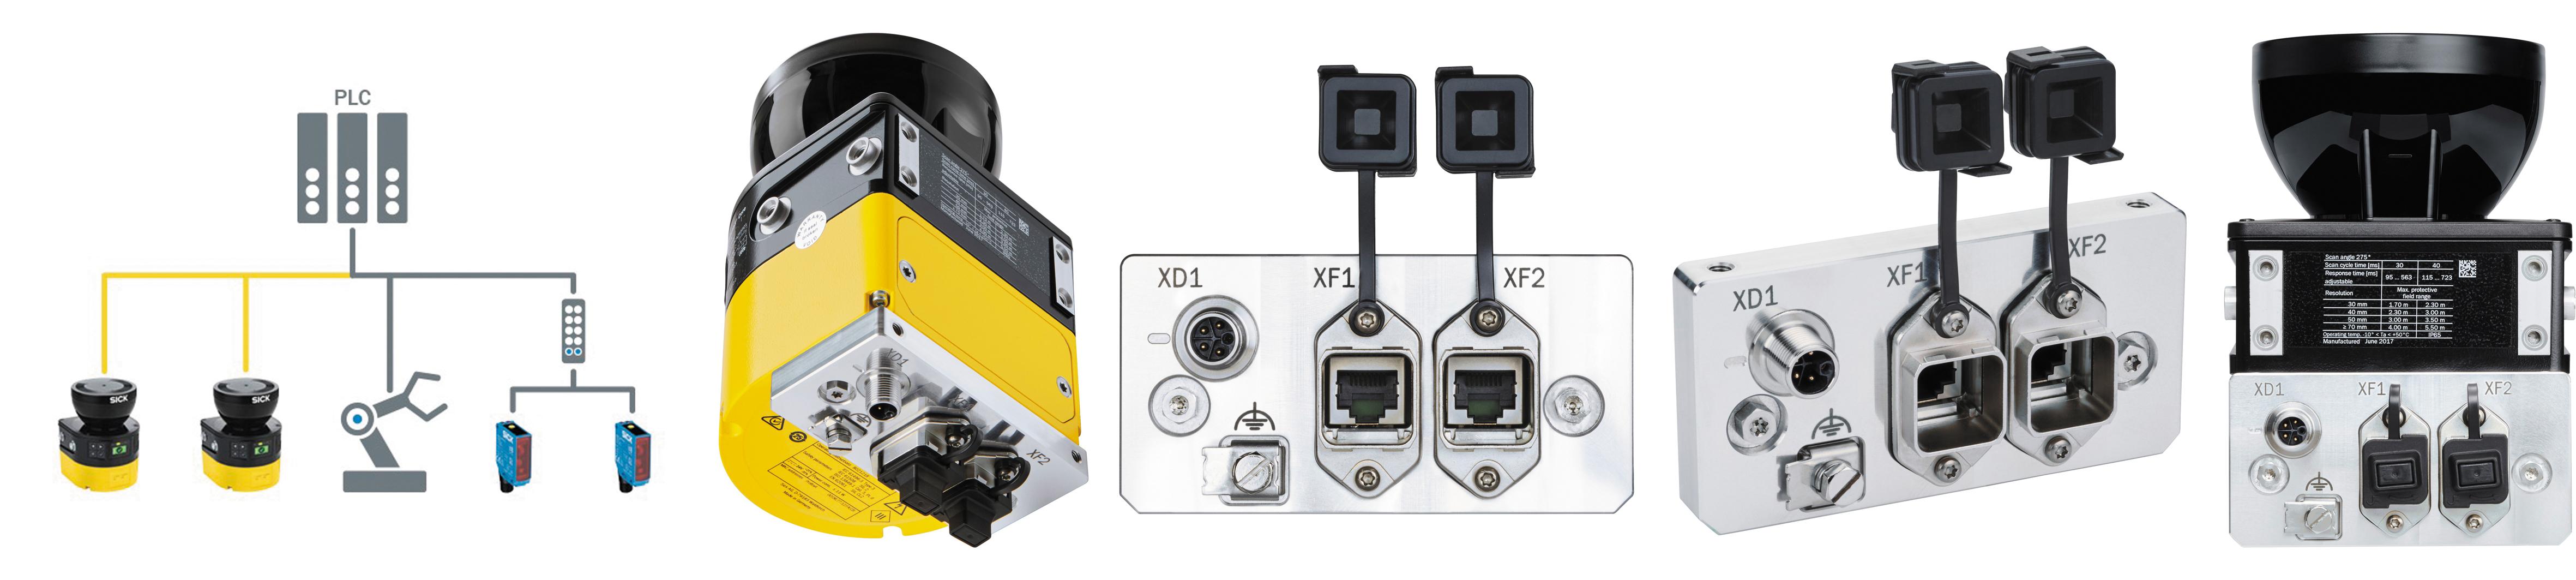 Сканеры безопасности microScan3 имеют расширенные возможности благодаря интеллектуальному управлению с возможностями сетевого подключения